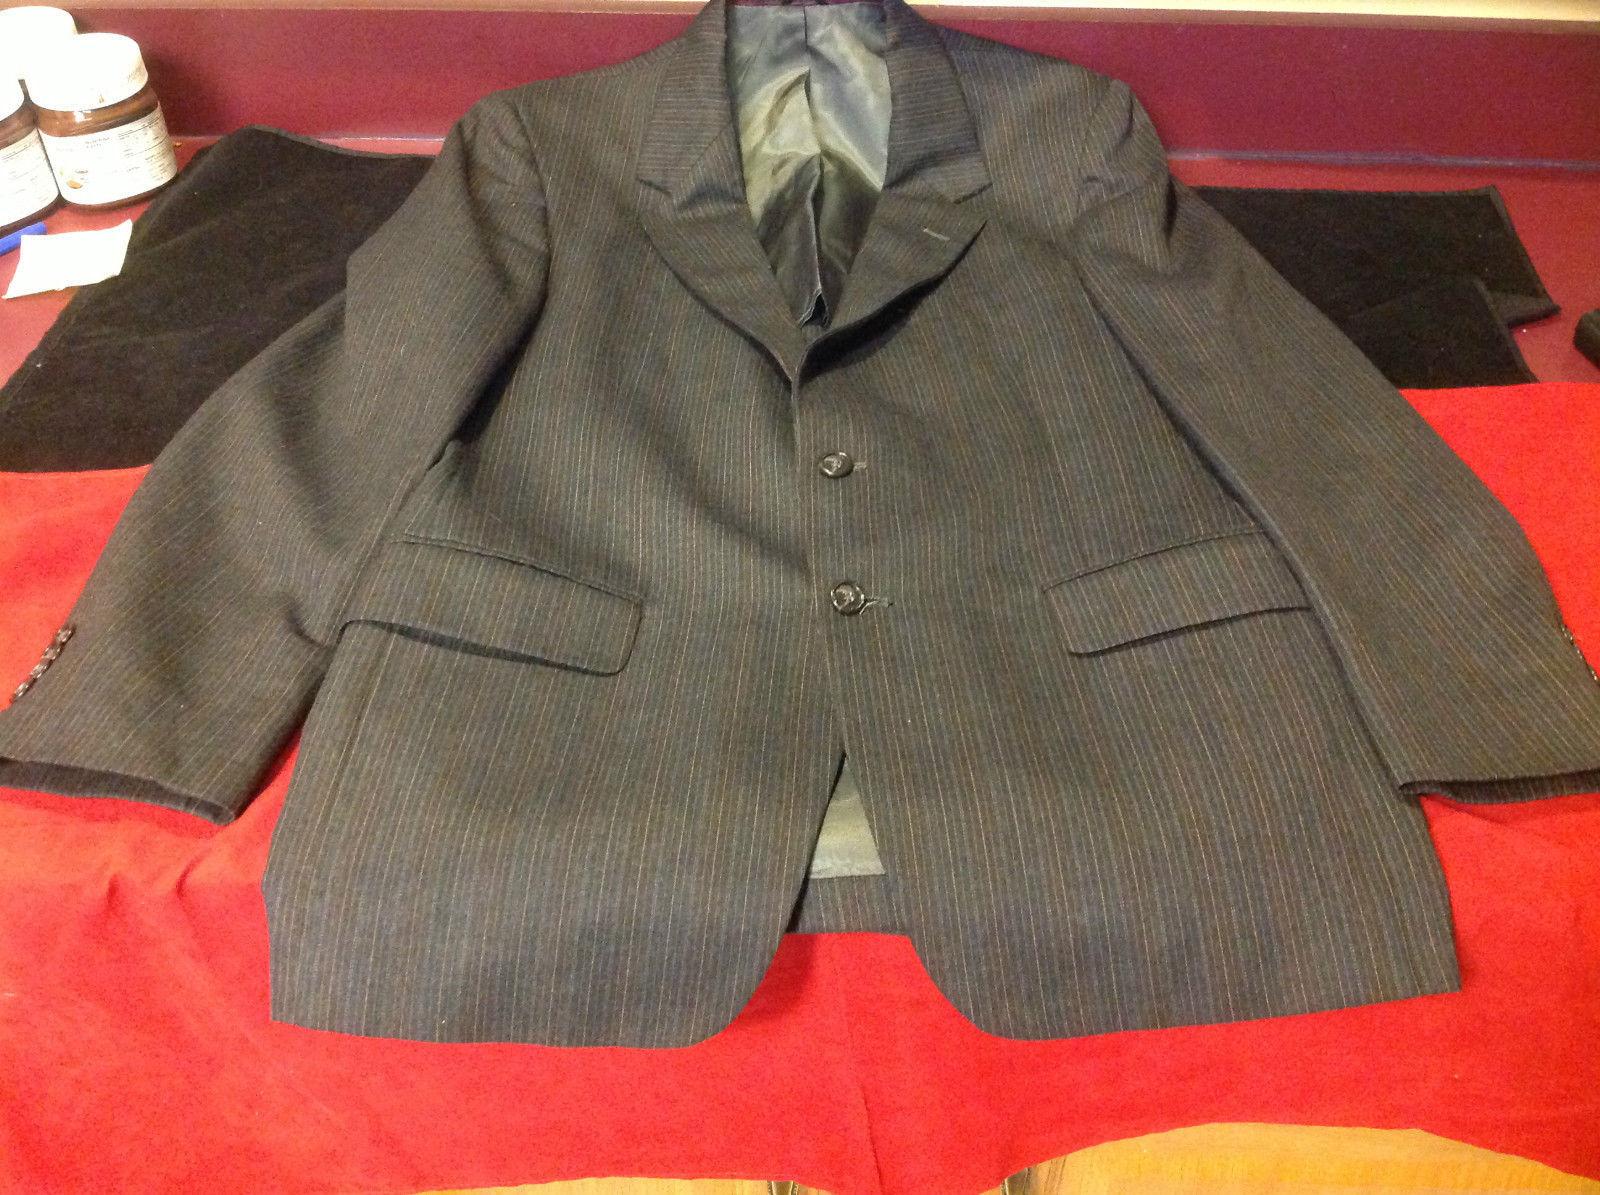 Stafford Dark Gray Blazer Size 42 w x 32 L